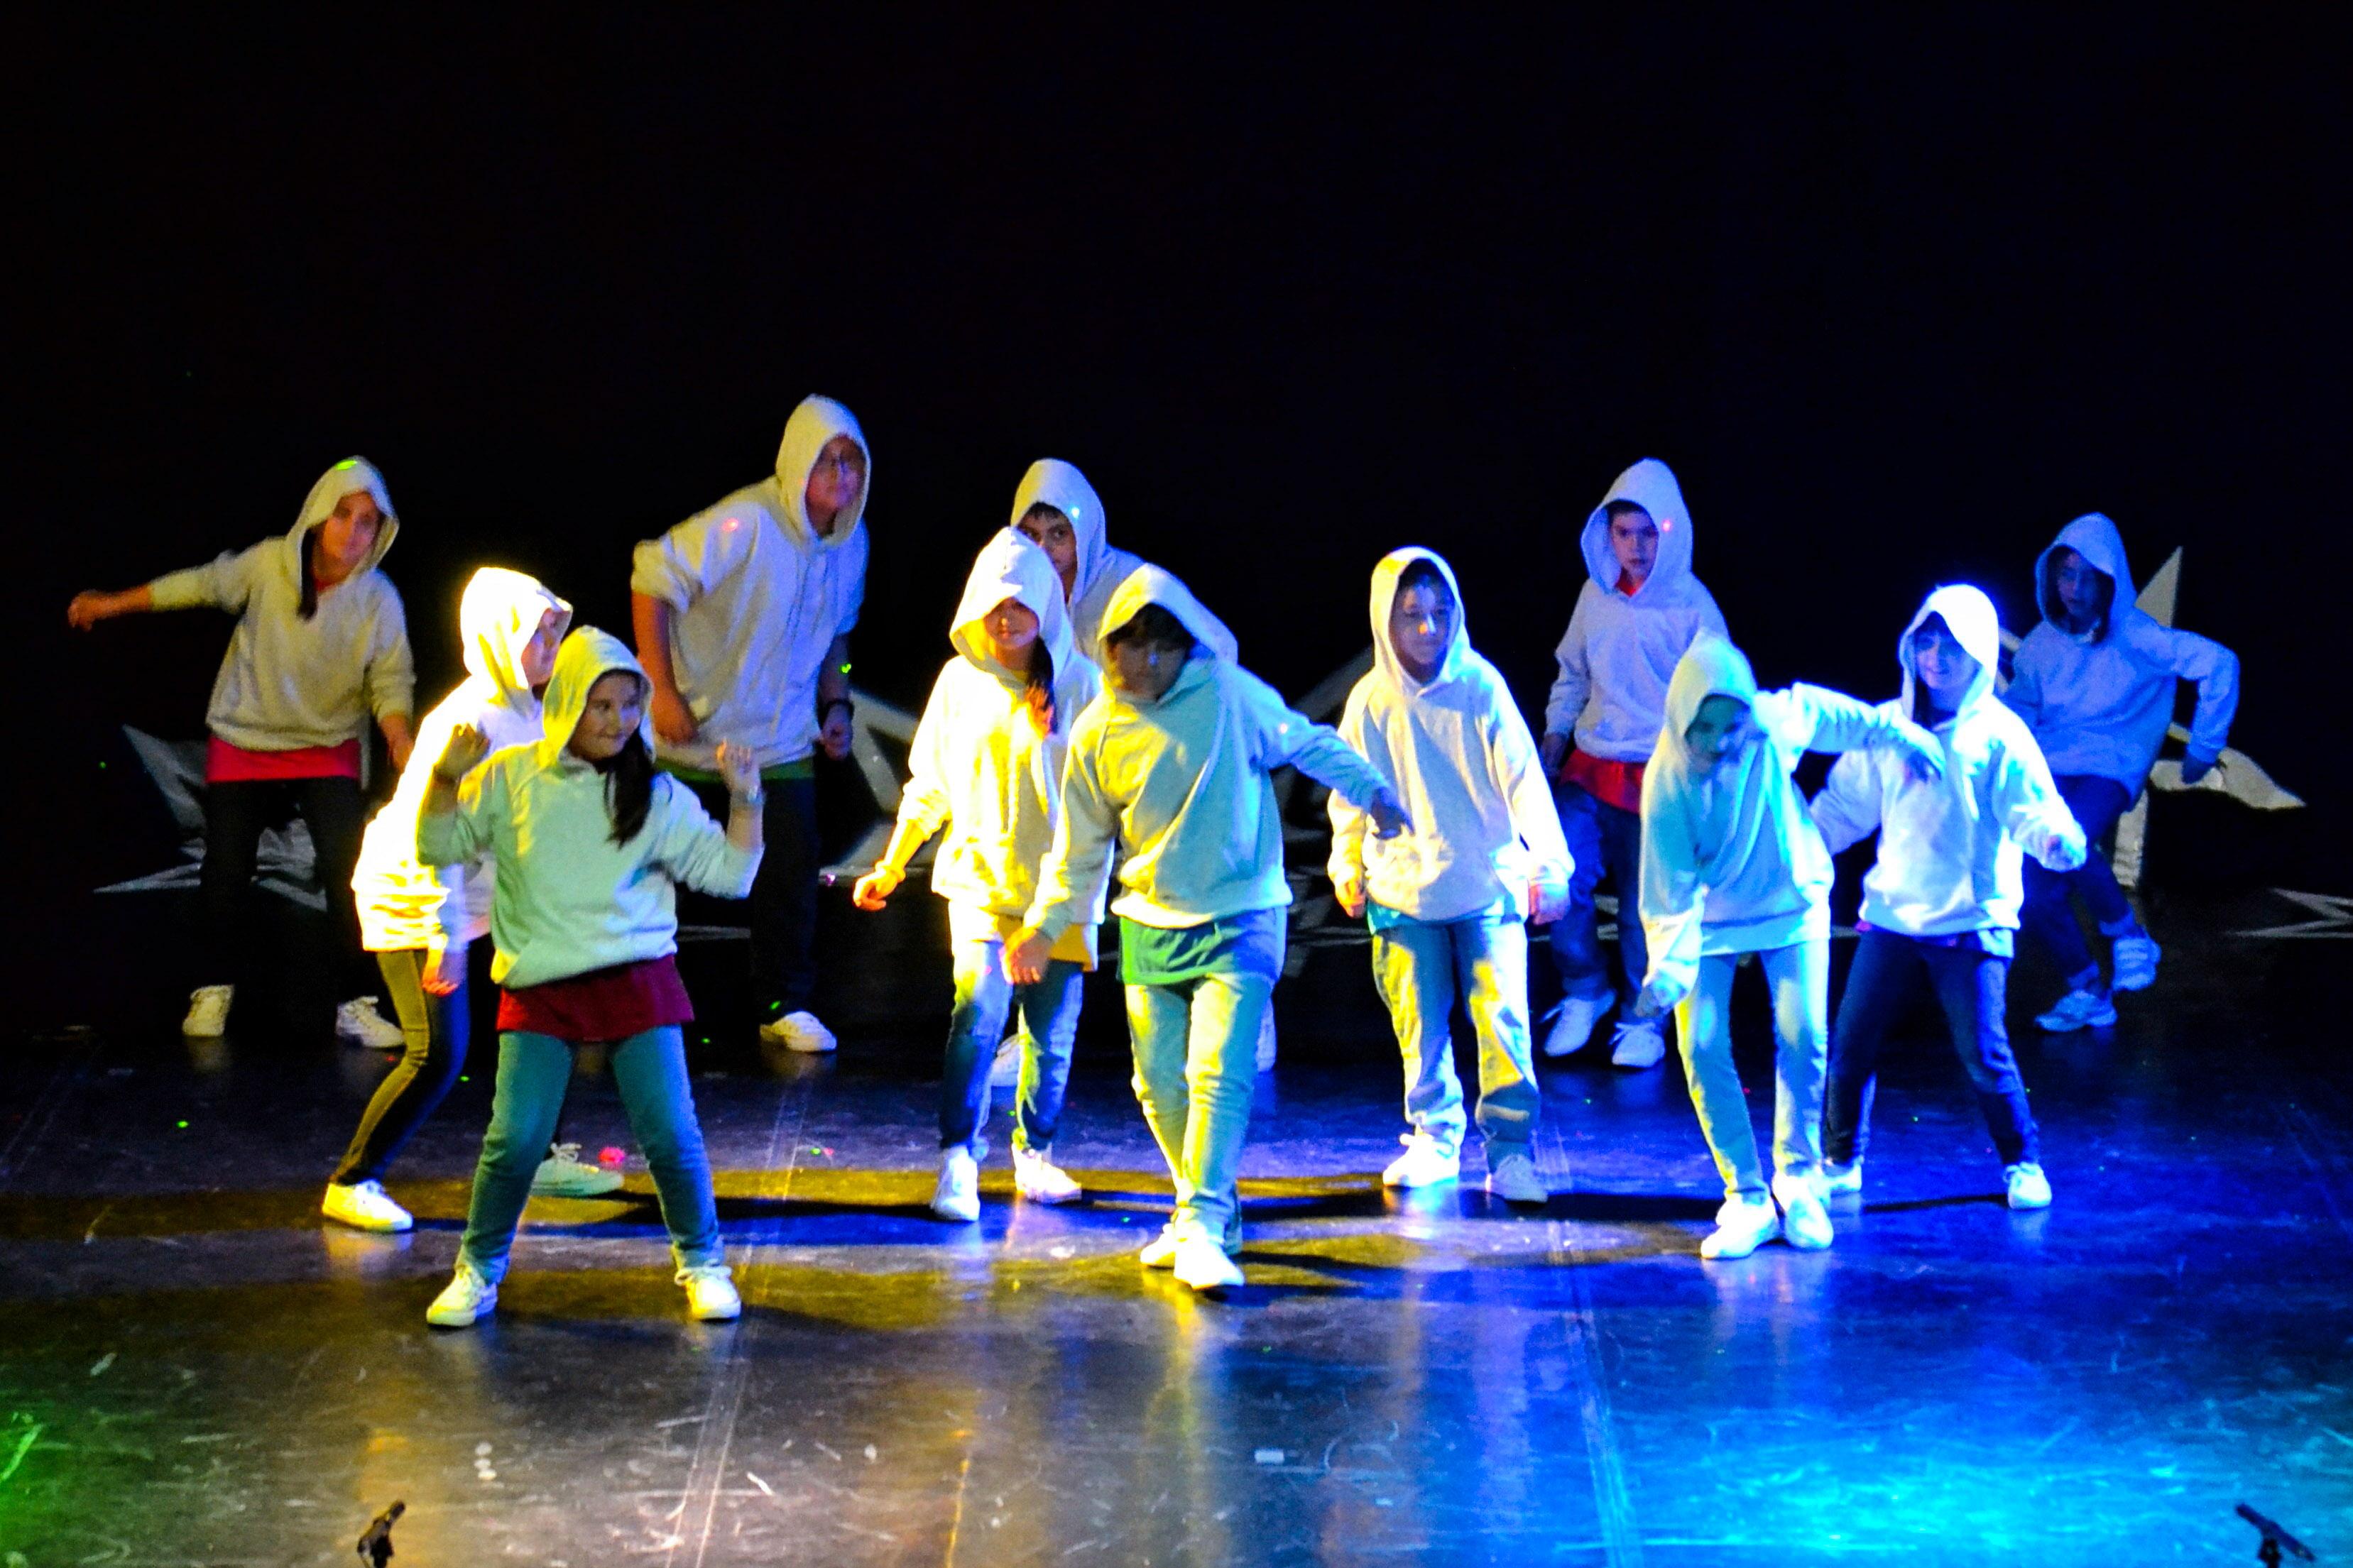 Linea-de-Baile-festival-verano-2015-clases-de-baile-valencia-159